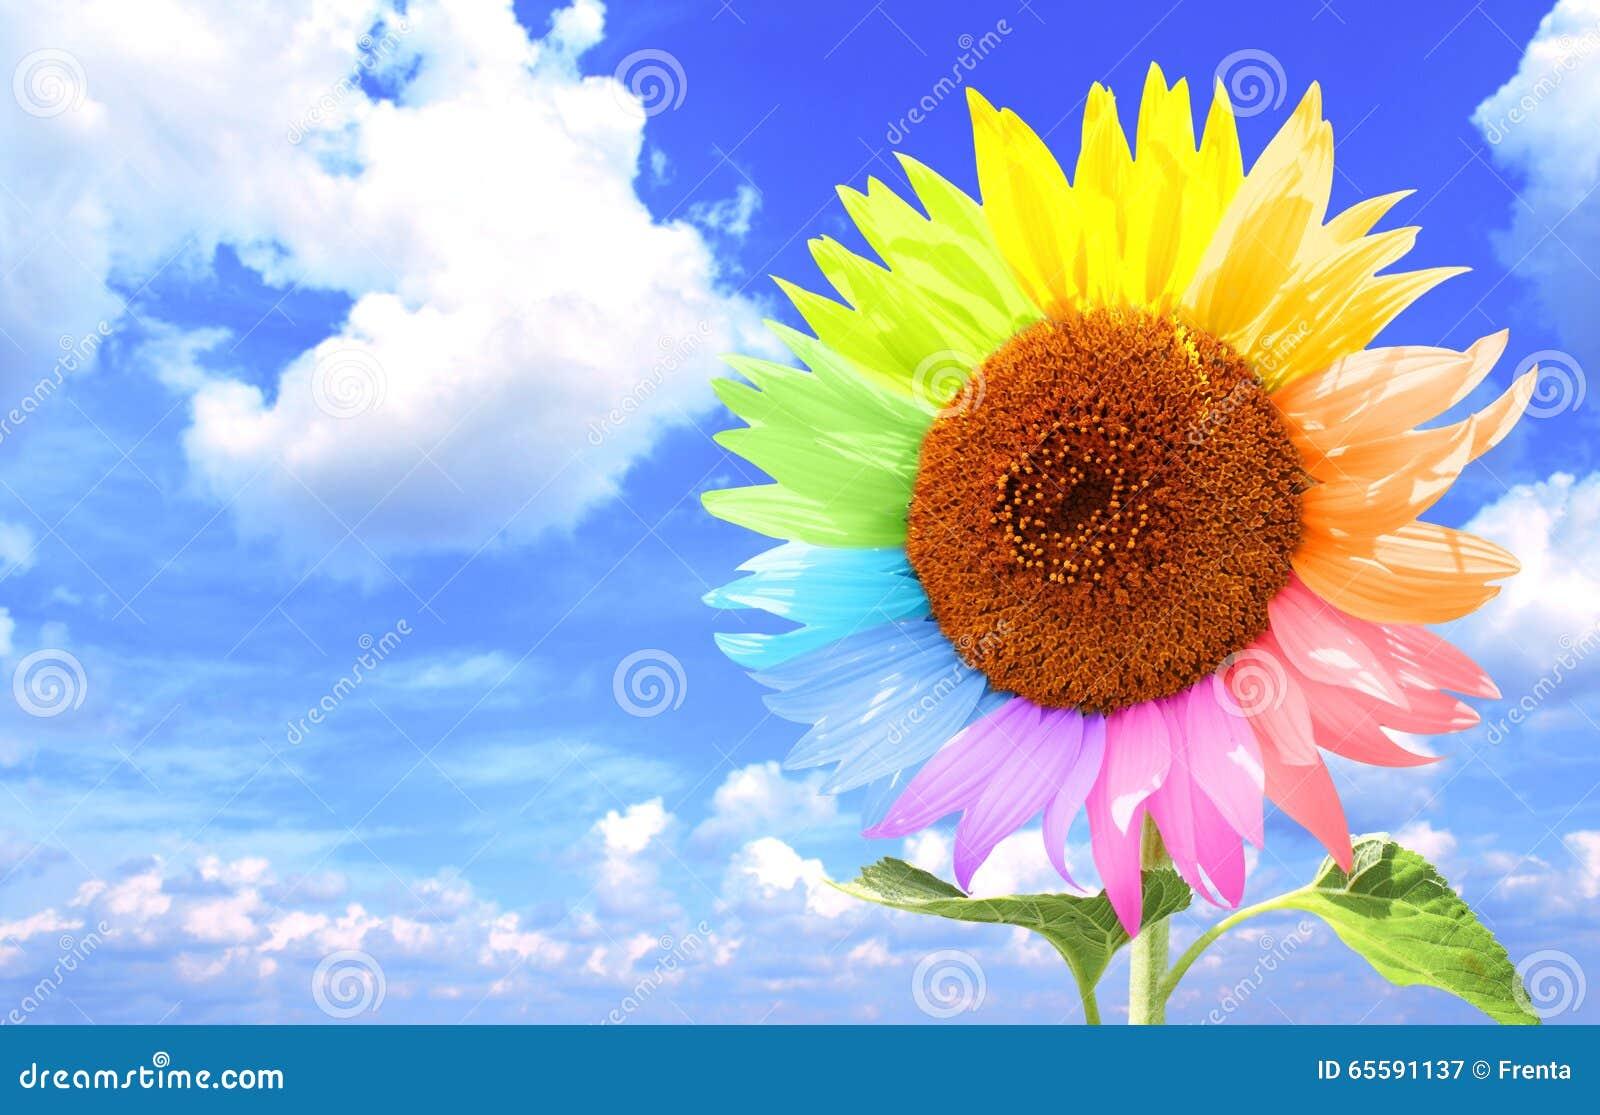 Sonnenblume Mit Den Blumenblättern, Gemalt In Den Verschiedenen ...